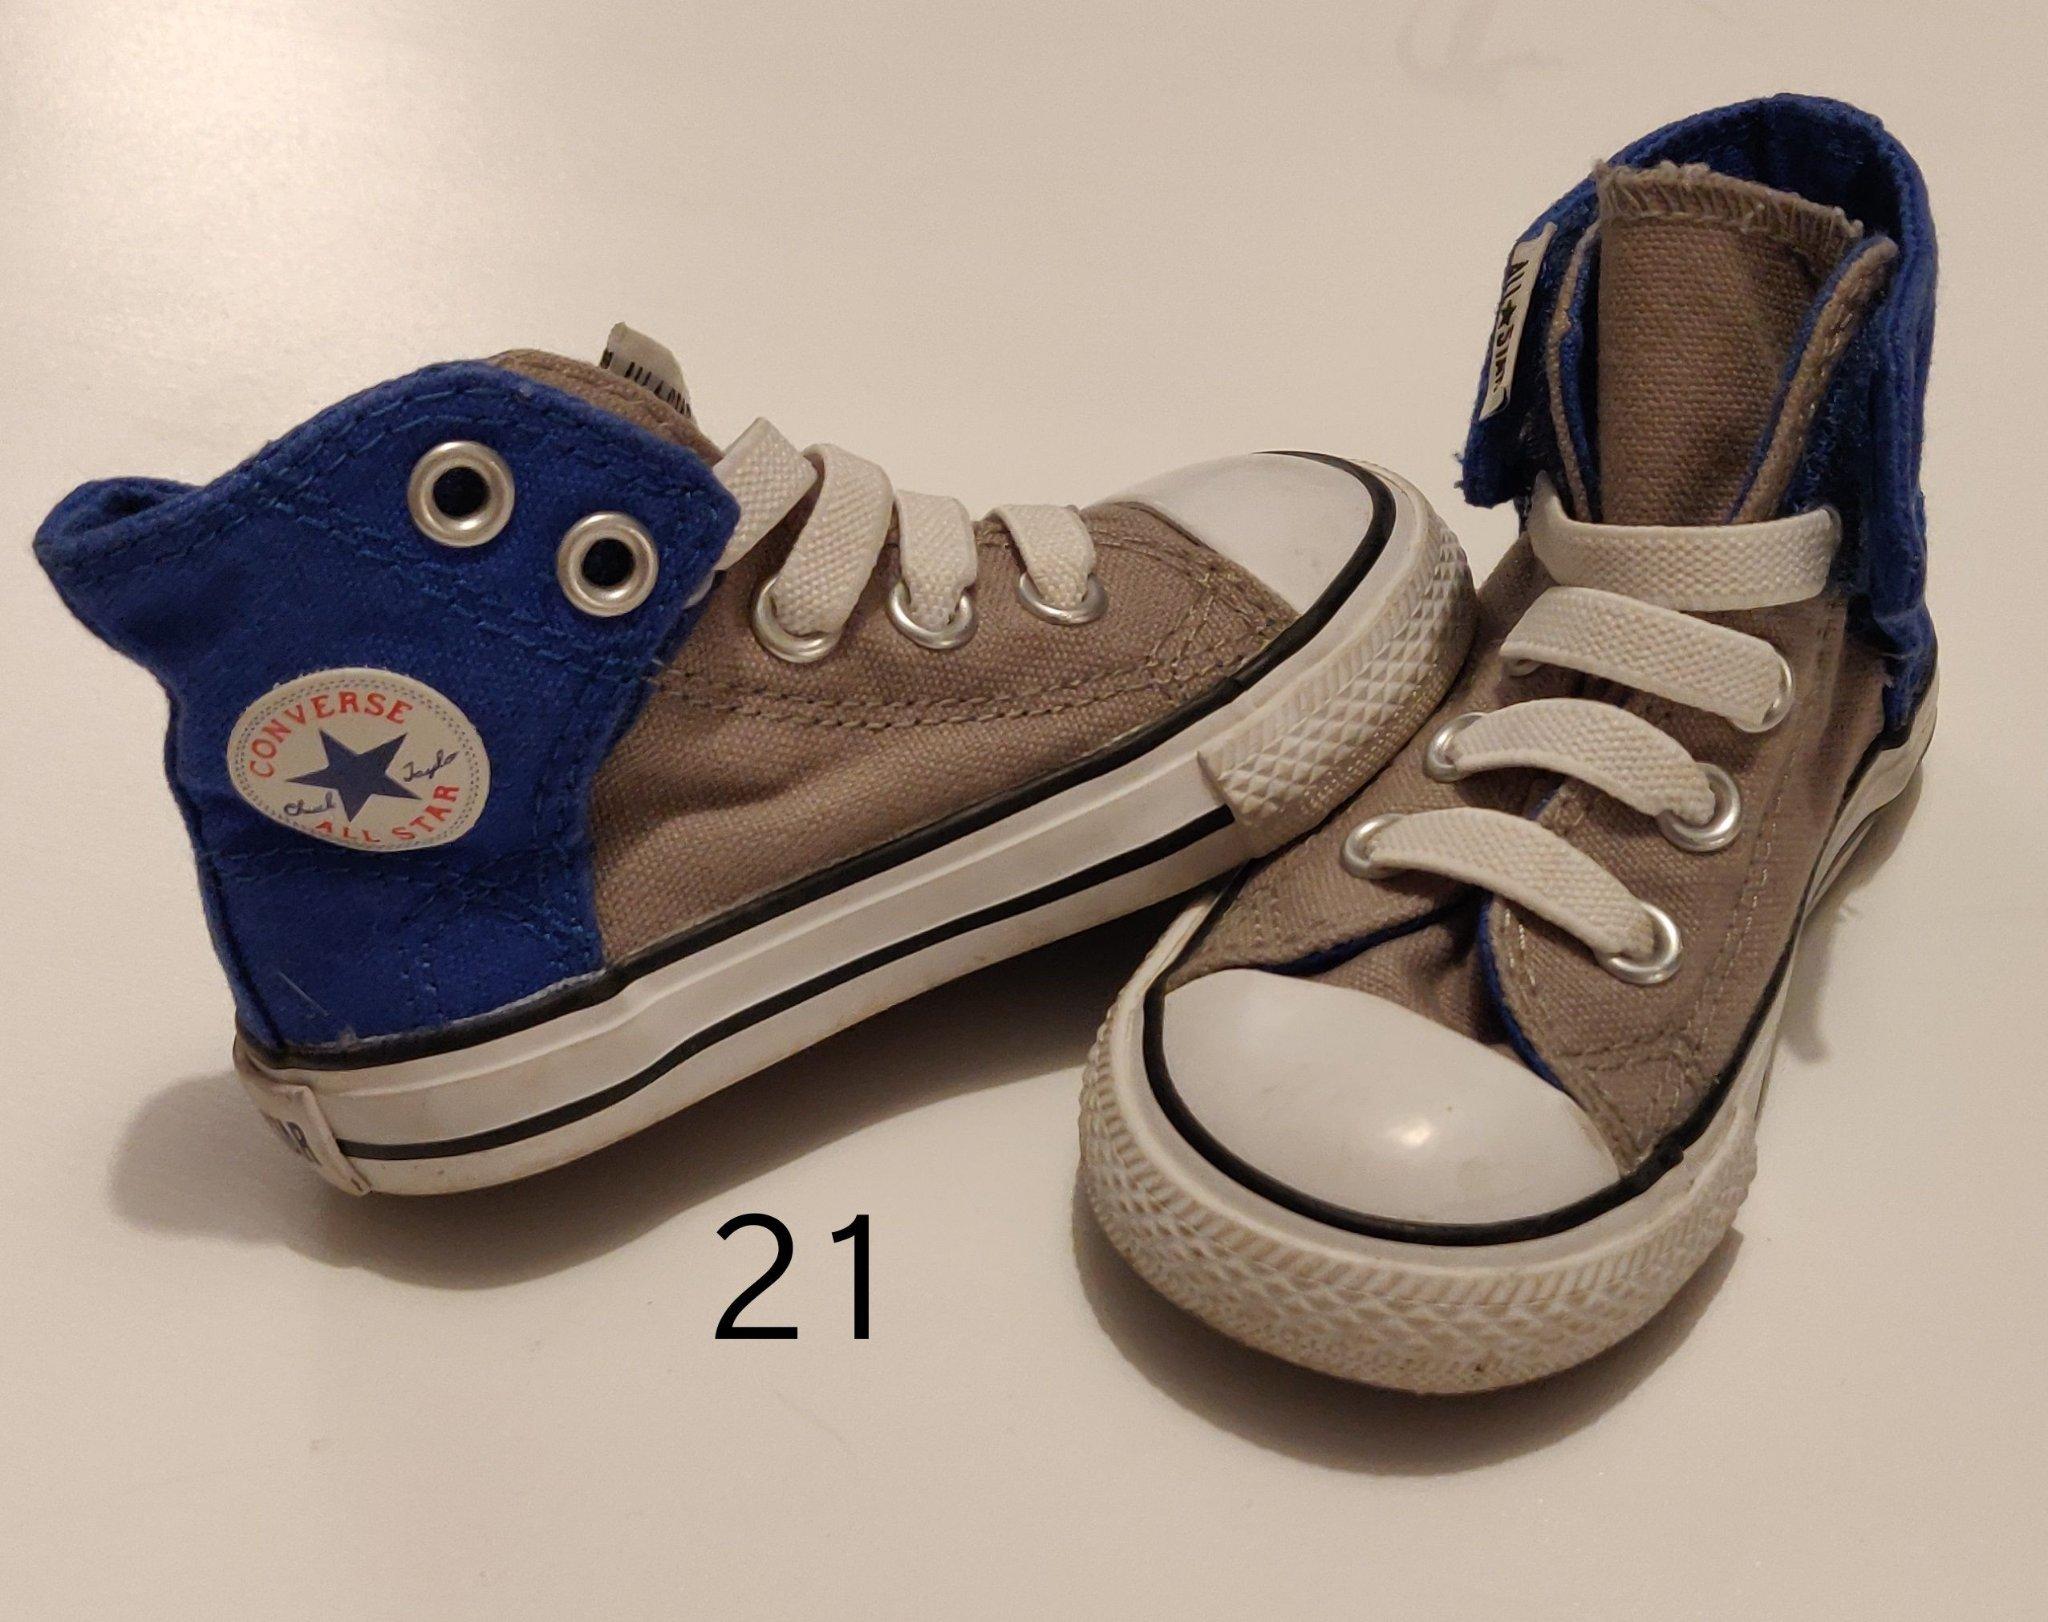 Converse barnskor storlek 21 (372465504) ᐈ Köp på Tradera